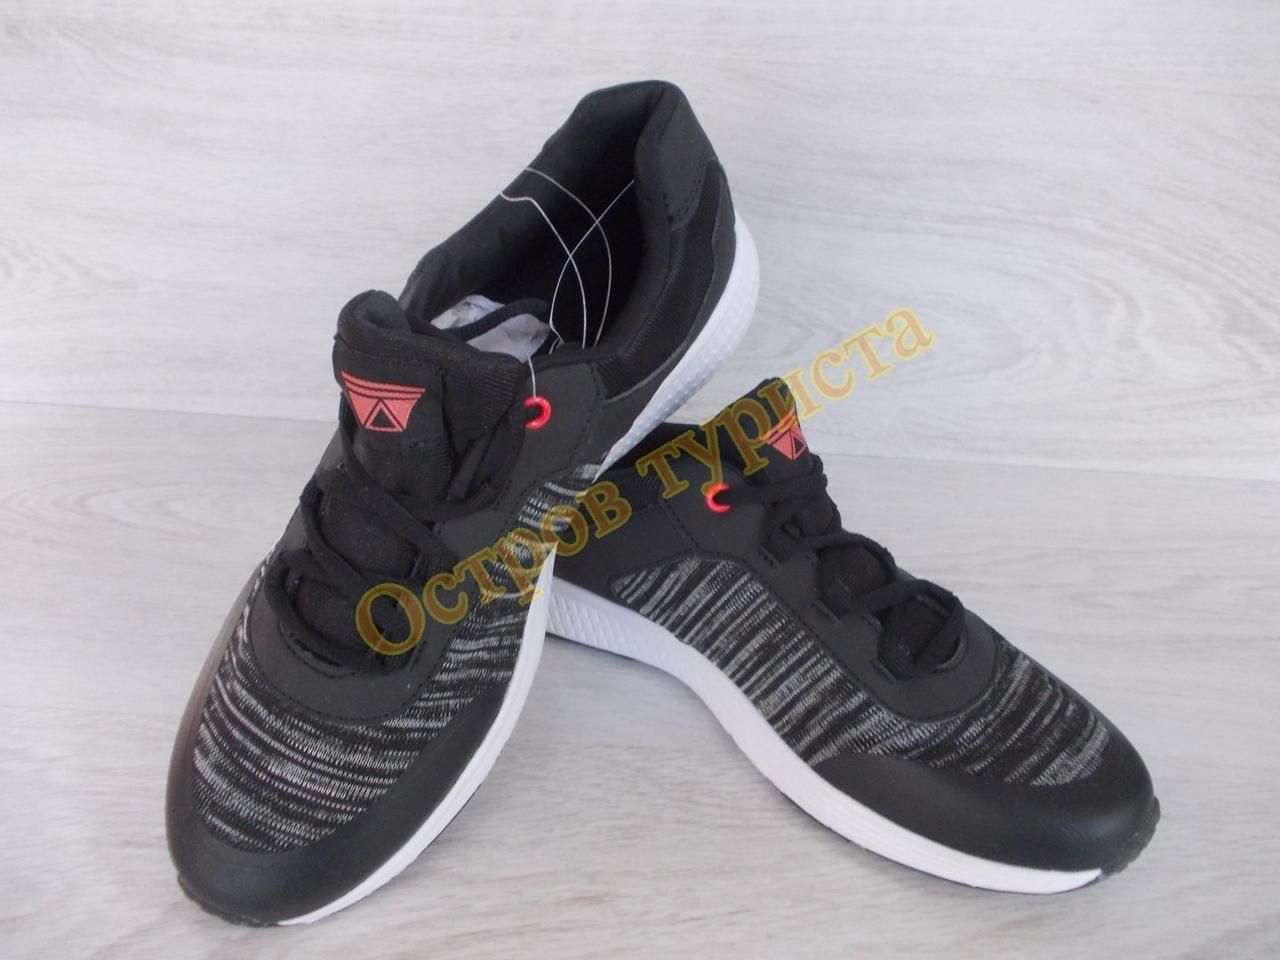 Кросівки Crivit 278858 розмір 40 устілка 26см чорні в сіру смужку